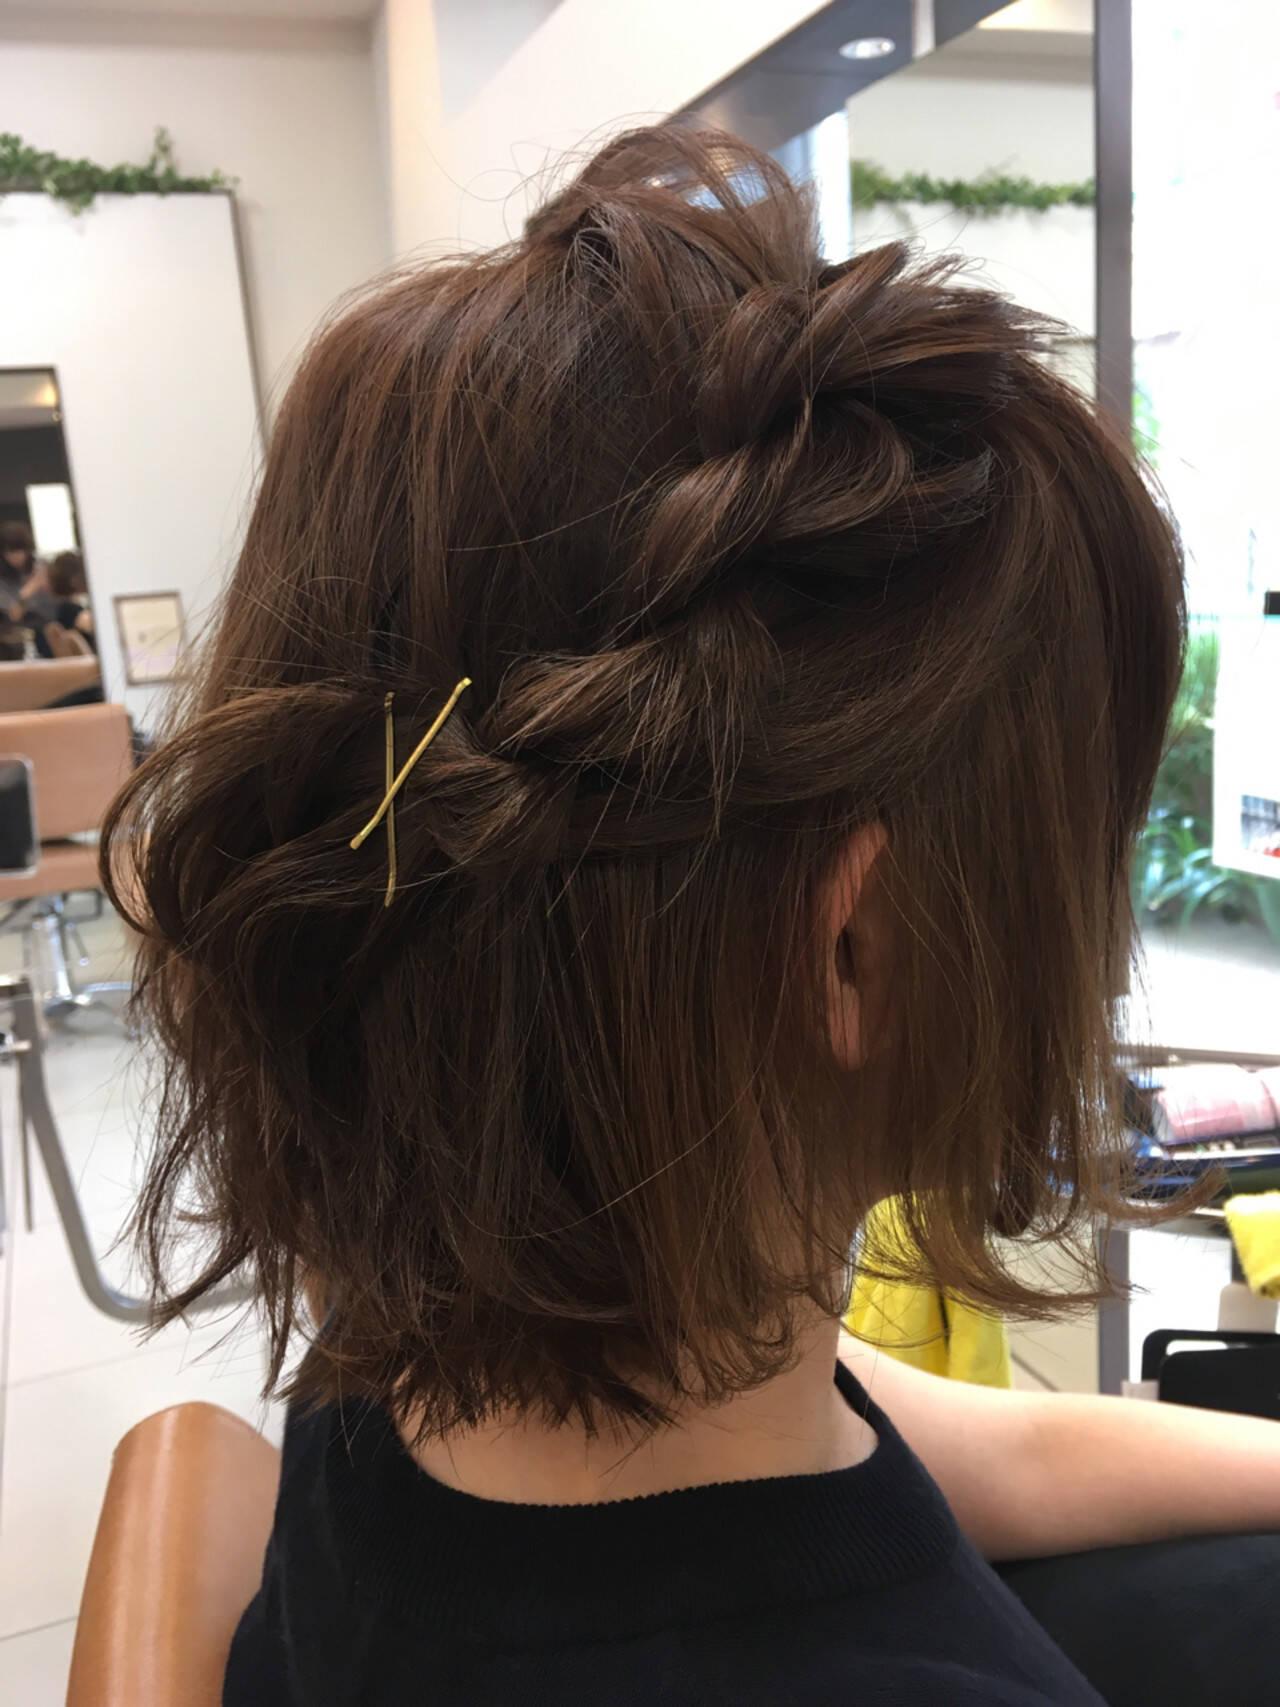 簡単ヘアアレンジ 編み込み ボブ ヘアアレンジヘアスタイルや髪型の写真・画像